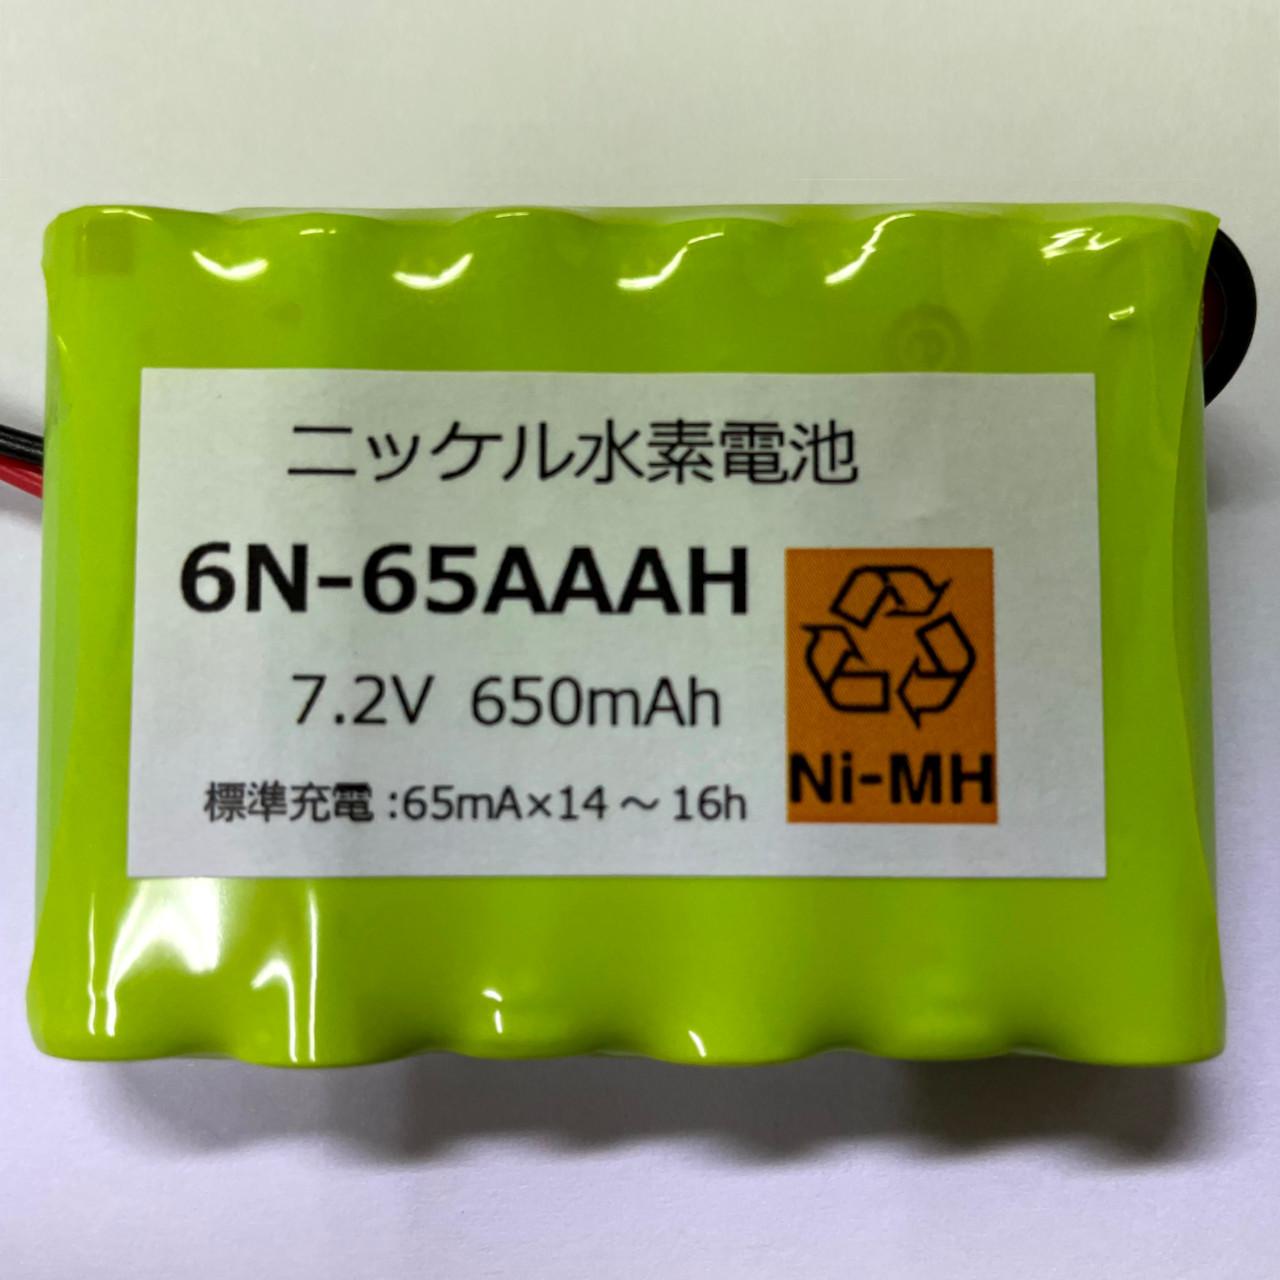 6N-65AAAH.jpg